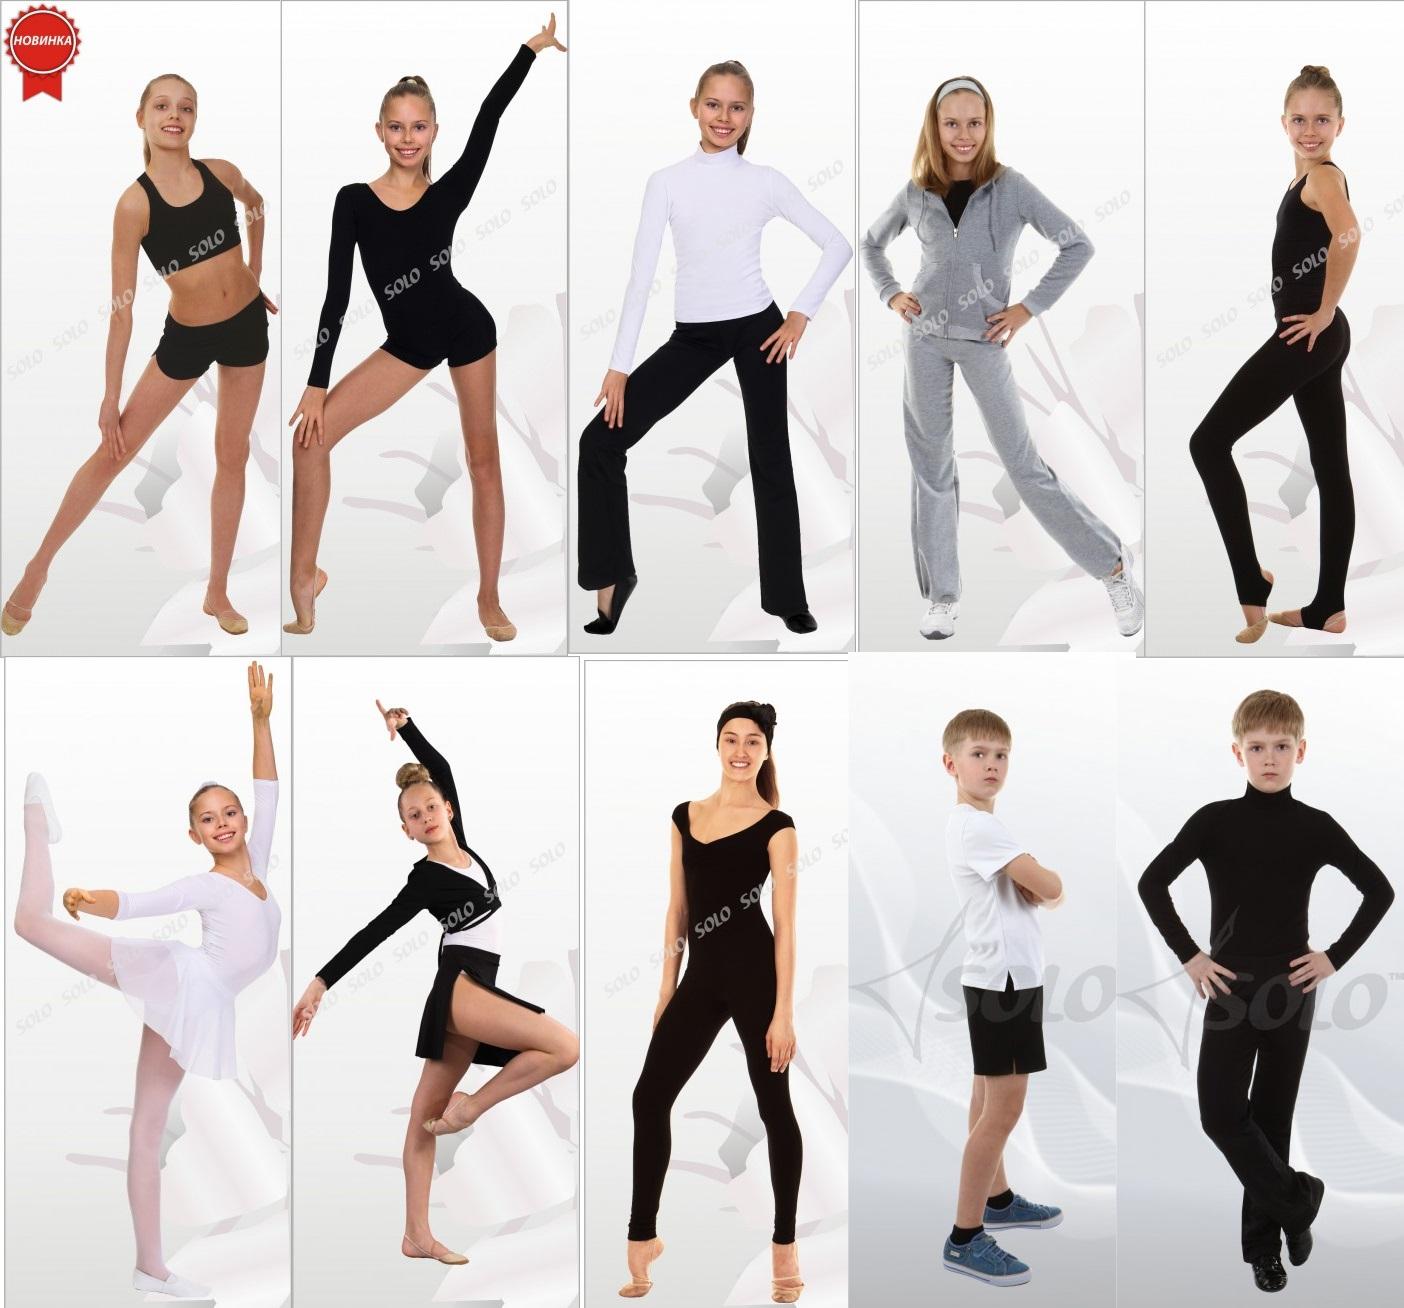 Для физкультуры, гимнастики, хореографии, балета, для дома и отдыха. Обувь для гимнастики и танцев - получешки. Чехлы на предметы для гимнастики. Размерный ряд с 28 по 50. Без рядов!